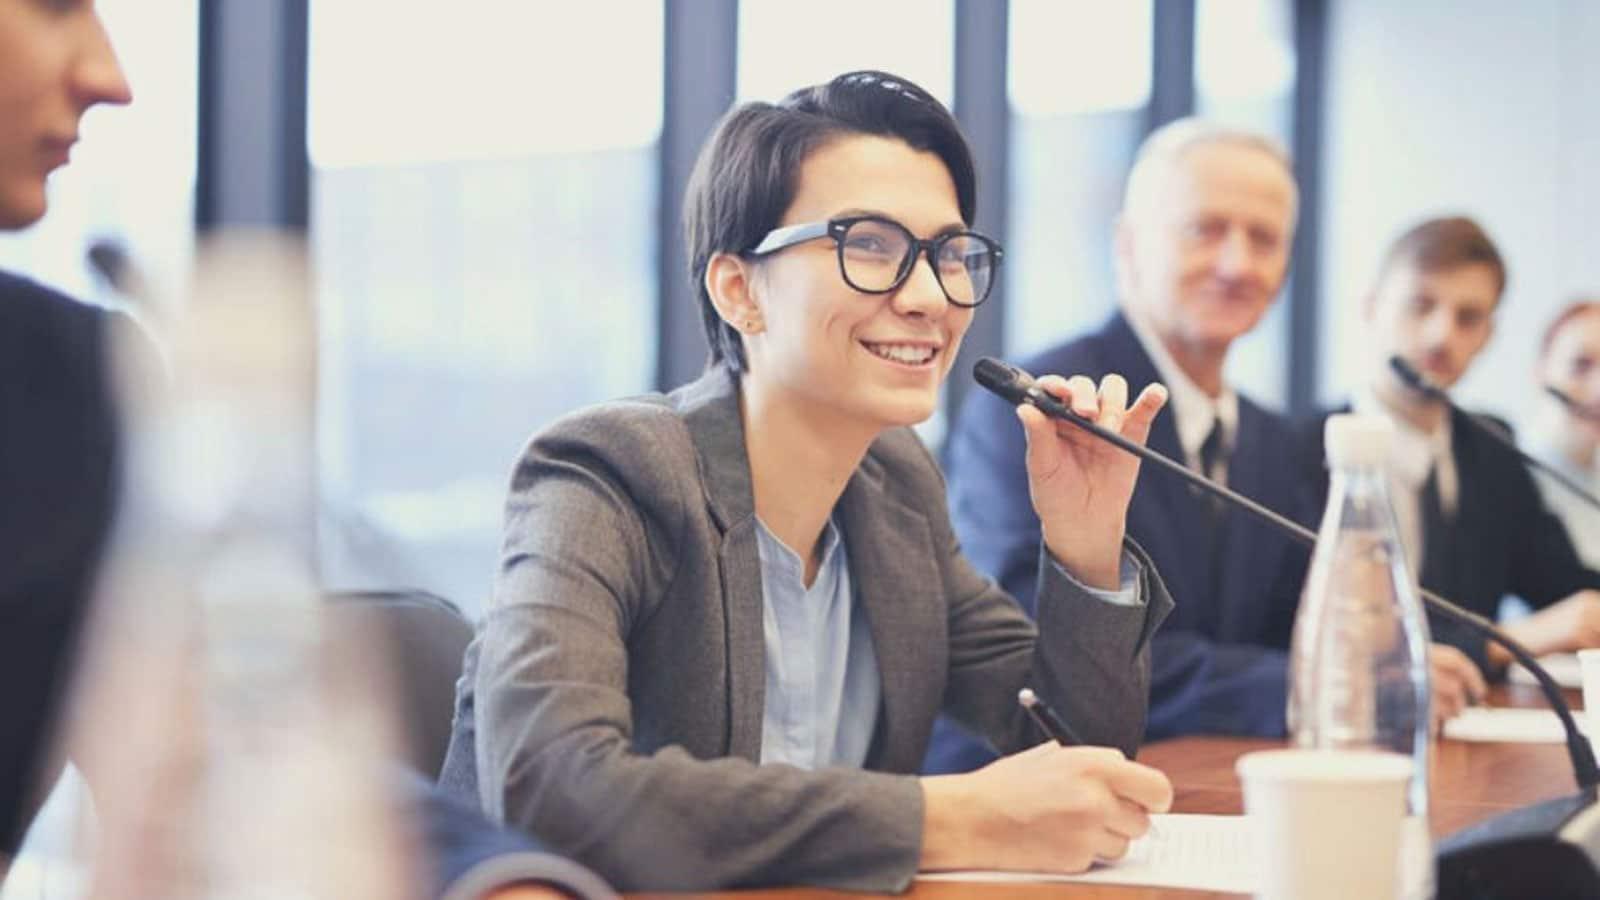 women-leadership-coaching-program-image-2